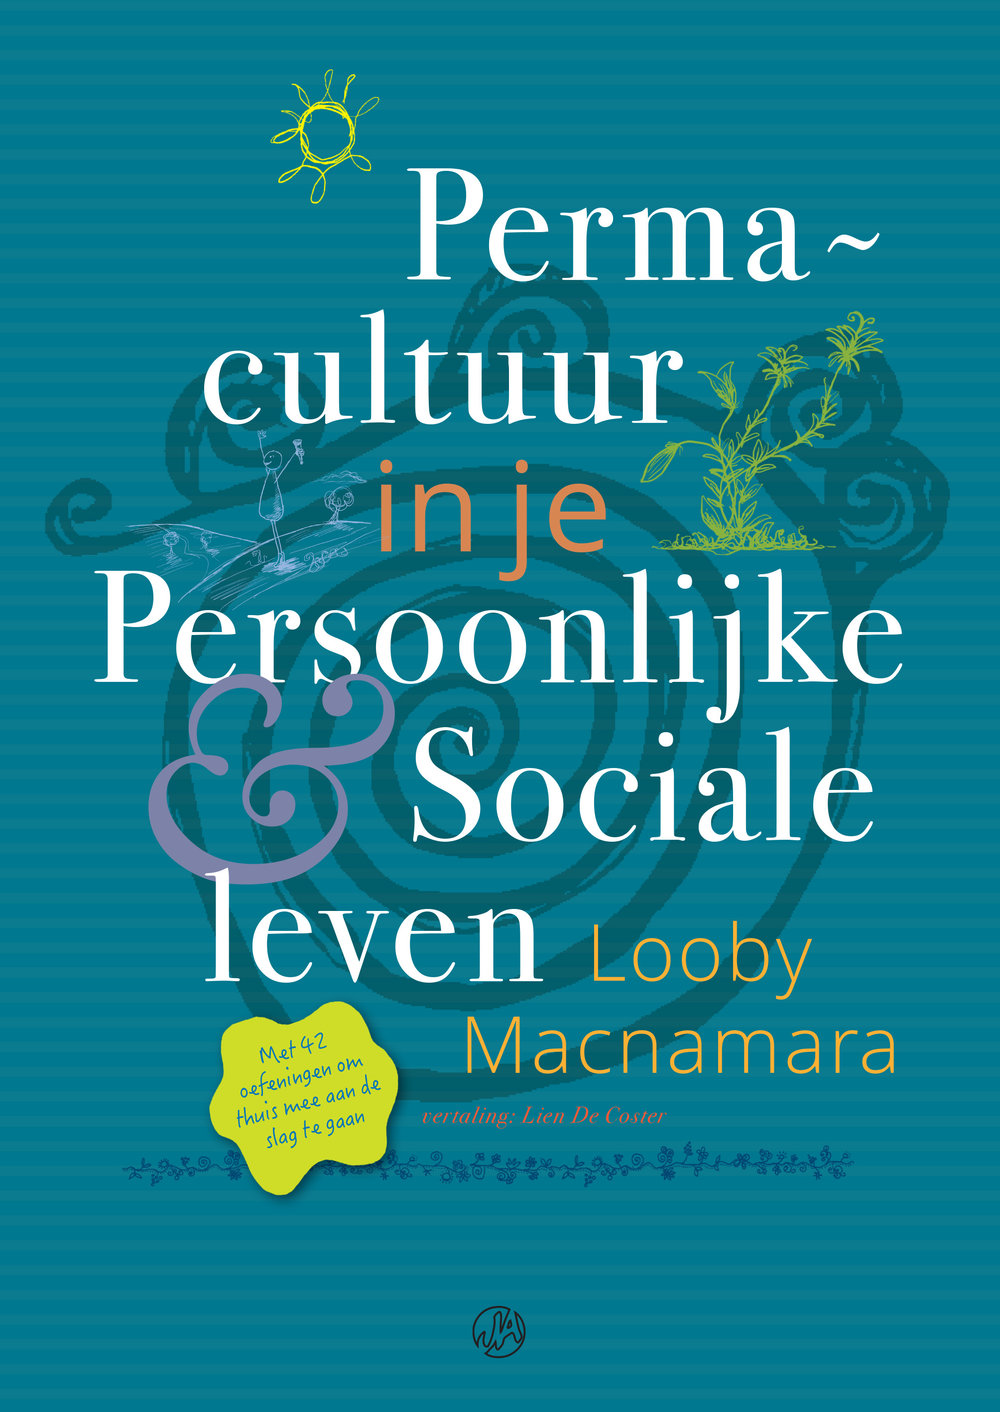 """Nu te koop! - 'Permacultuur in je Persoonlijke & Sociale leven' is de Nederlandse vertaling en bewerking van Looby Macnamara's 'People & Permaculture'.""""Er is een mooie toekomst voor ons mensen weggelegd, een manier van leven die niet vervuilt, ons kracht brengt en ons toelaat de beste versie van onszelf te zijn"""", aldus de auteur. Maar hoe doen we dat, hier en nu? We worden allemaal met onze eigen uitdagingen geconfronteerd en hebben onze eigen beslissingen te nemen. Hoe nemen we die, in harmonie met onszelf, de ander en de Aarde?Bestel nu"""